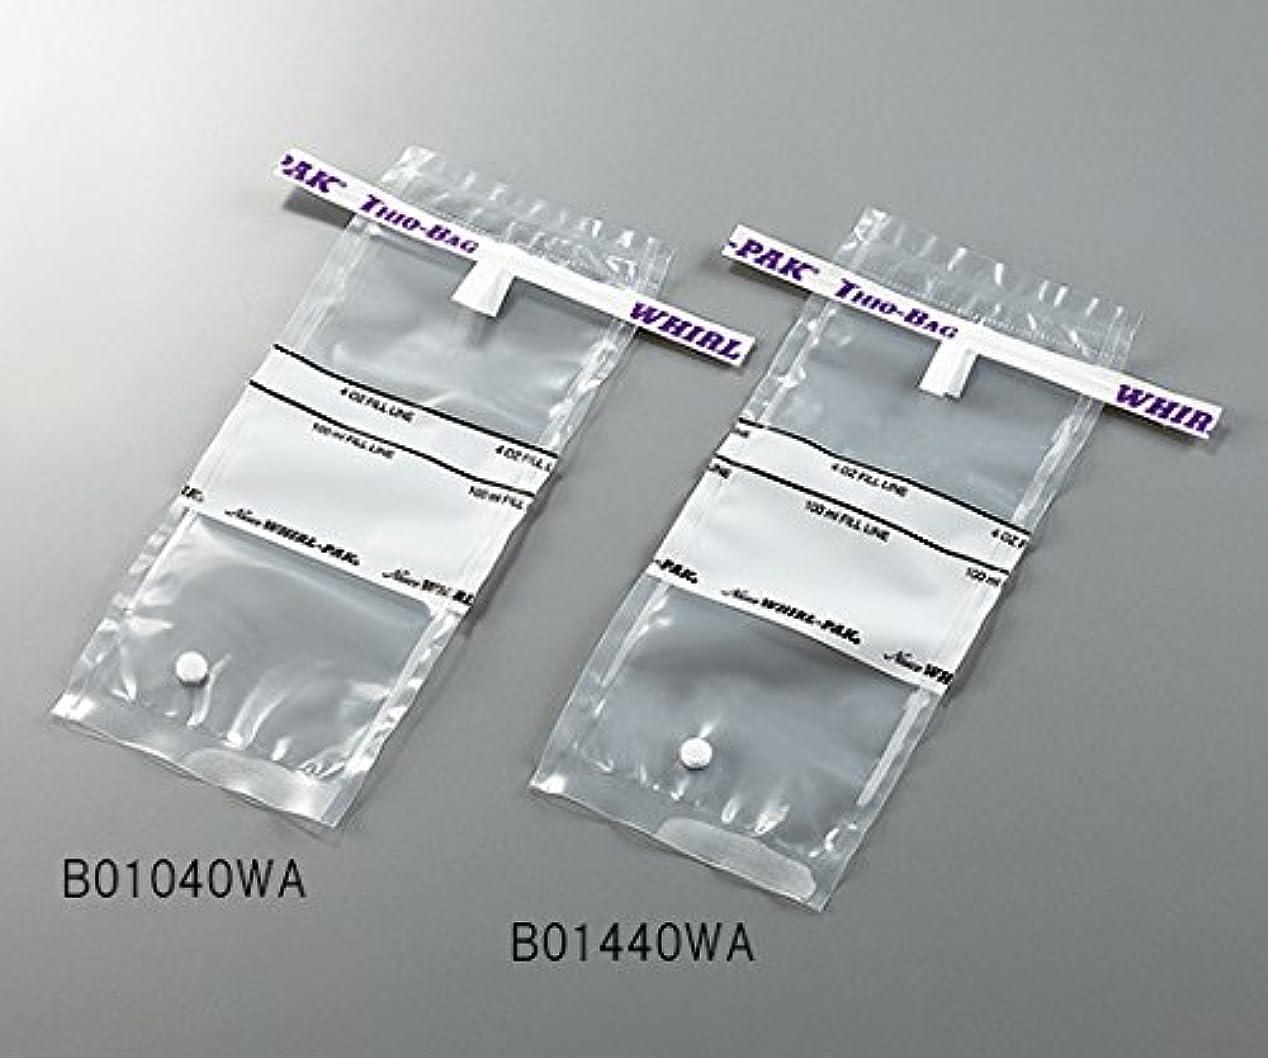 フルーティー計画的処方3-5414-01採水用サンプリングバッグ100mLチオ硫酸ナトリウム含有量10g